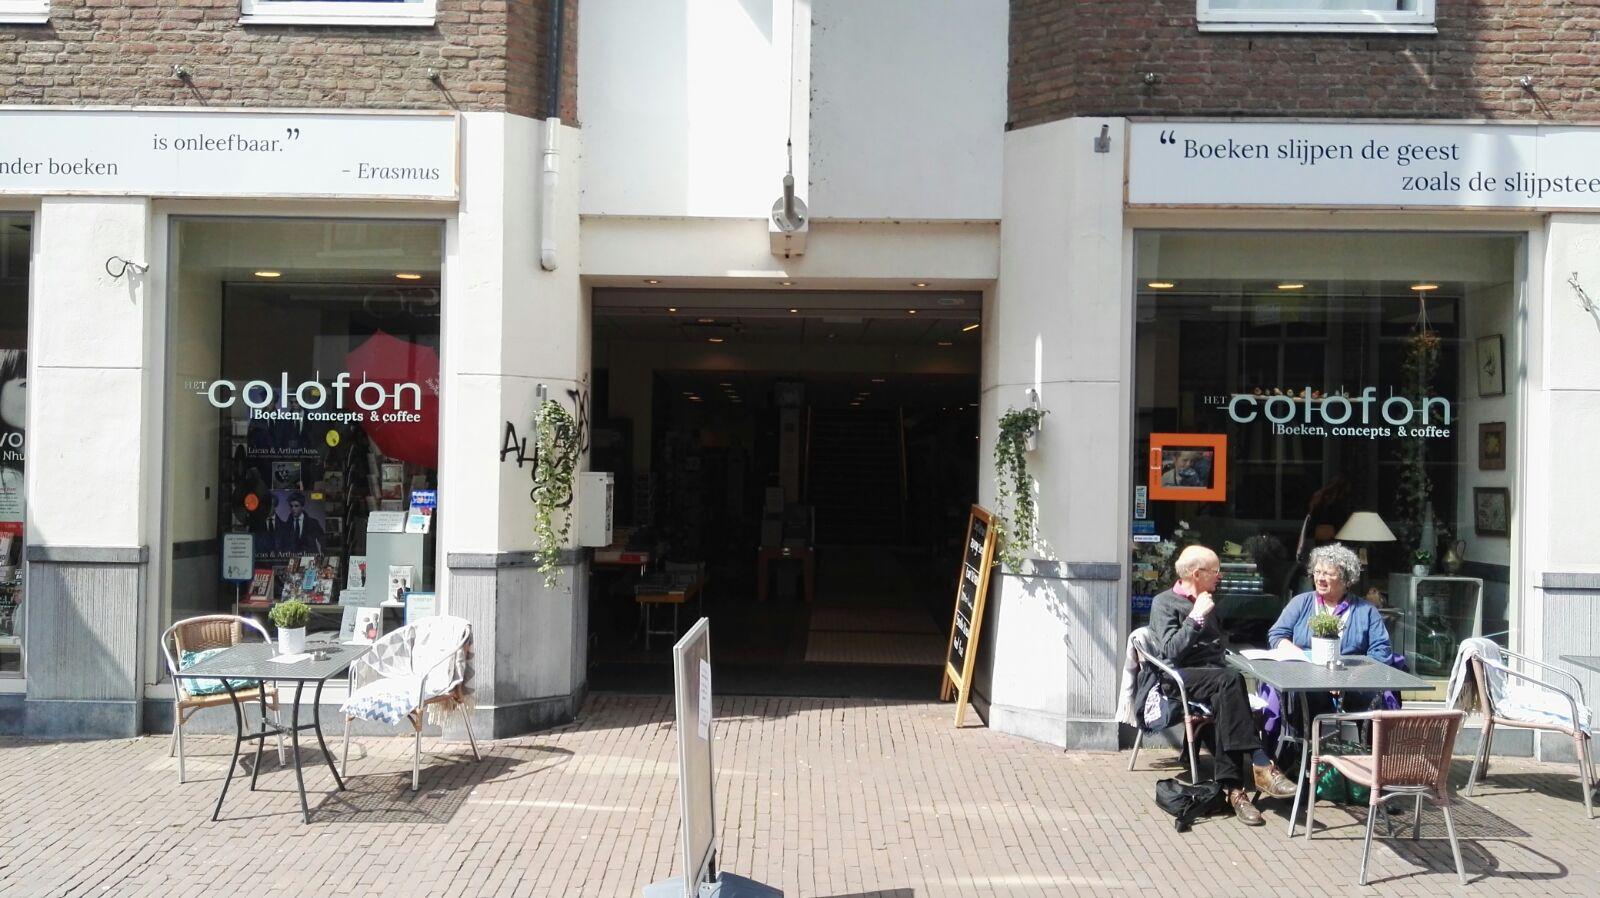 Het Colofon - Het colofon is gevestigd in de Bakkerstraat. De winkel begon in 2014 en is in korte tijd uitgegroeid tot een complete boekhandel met grote collectie nieuwe en 2ehands boeken.www.hetcolofon.nl